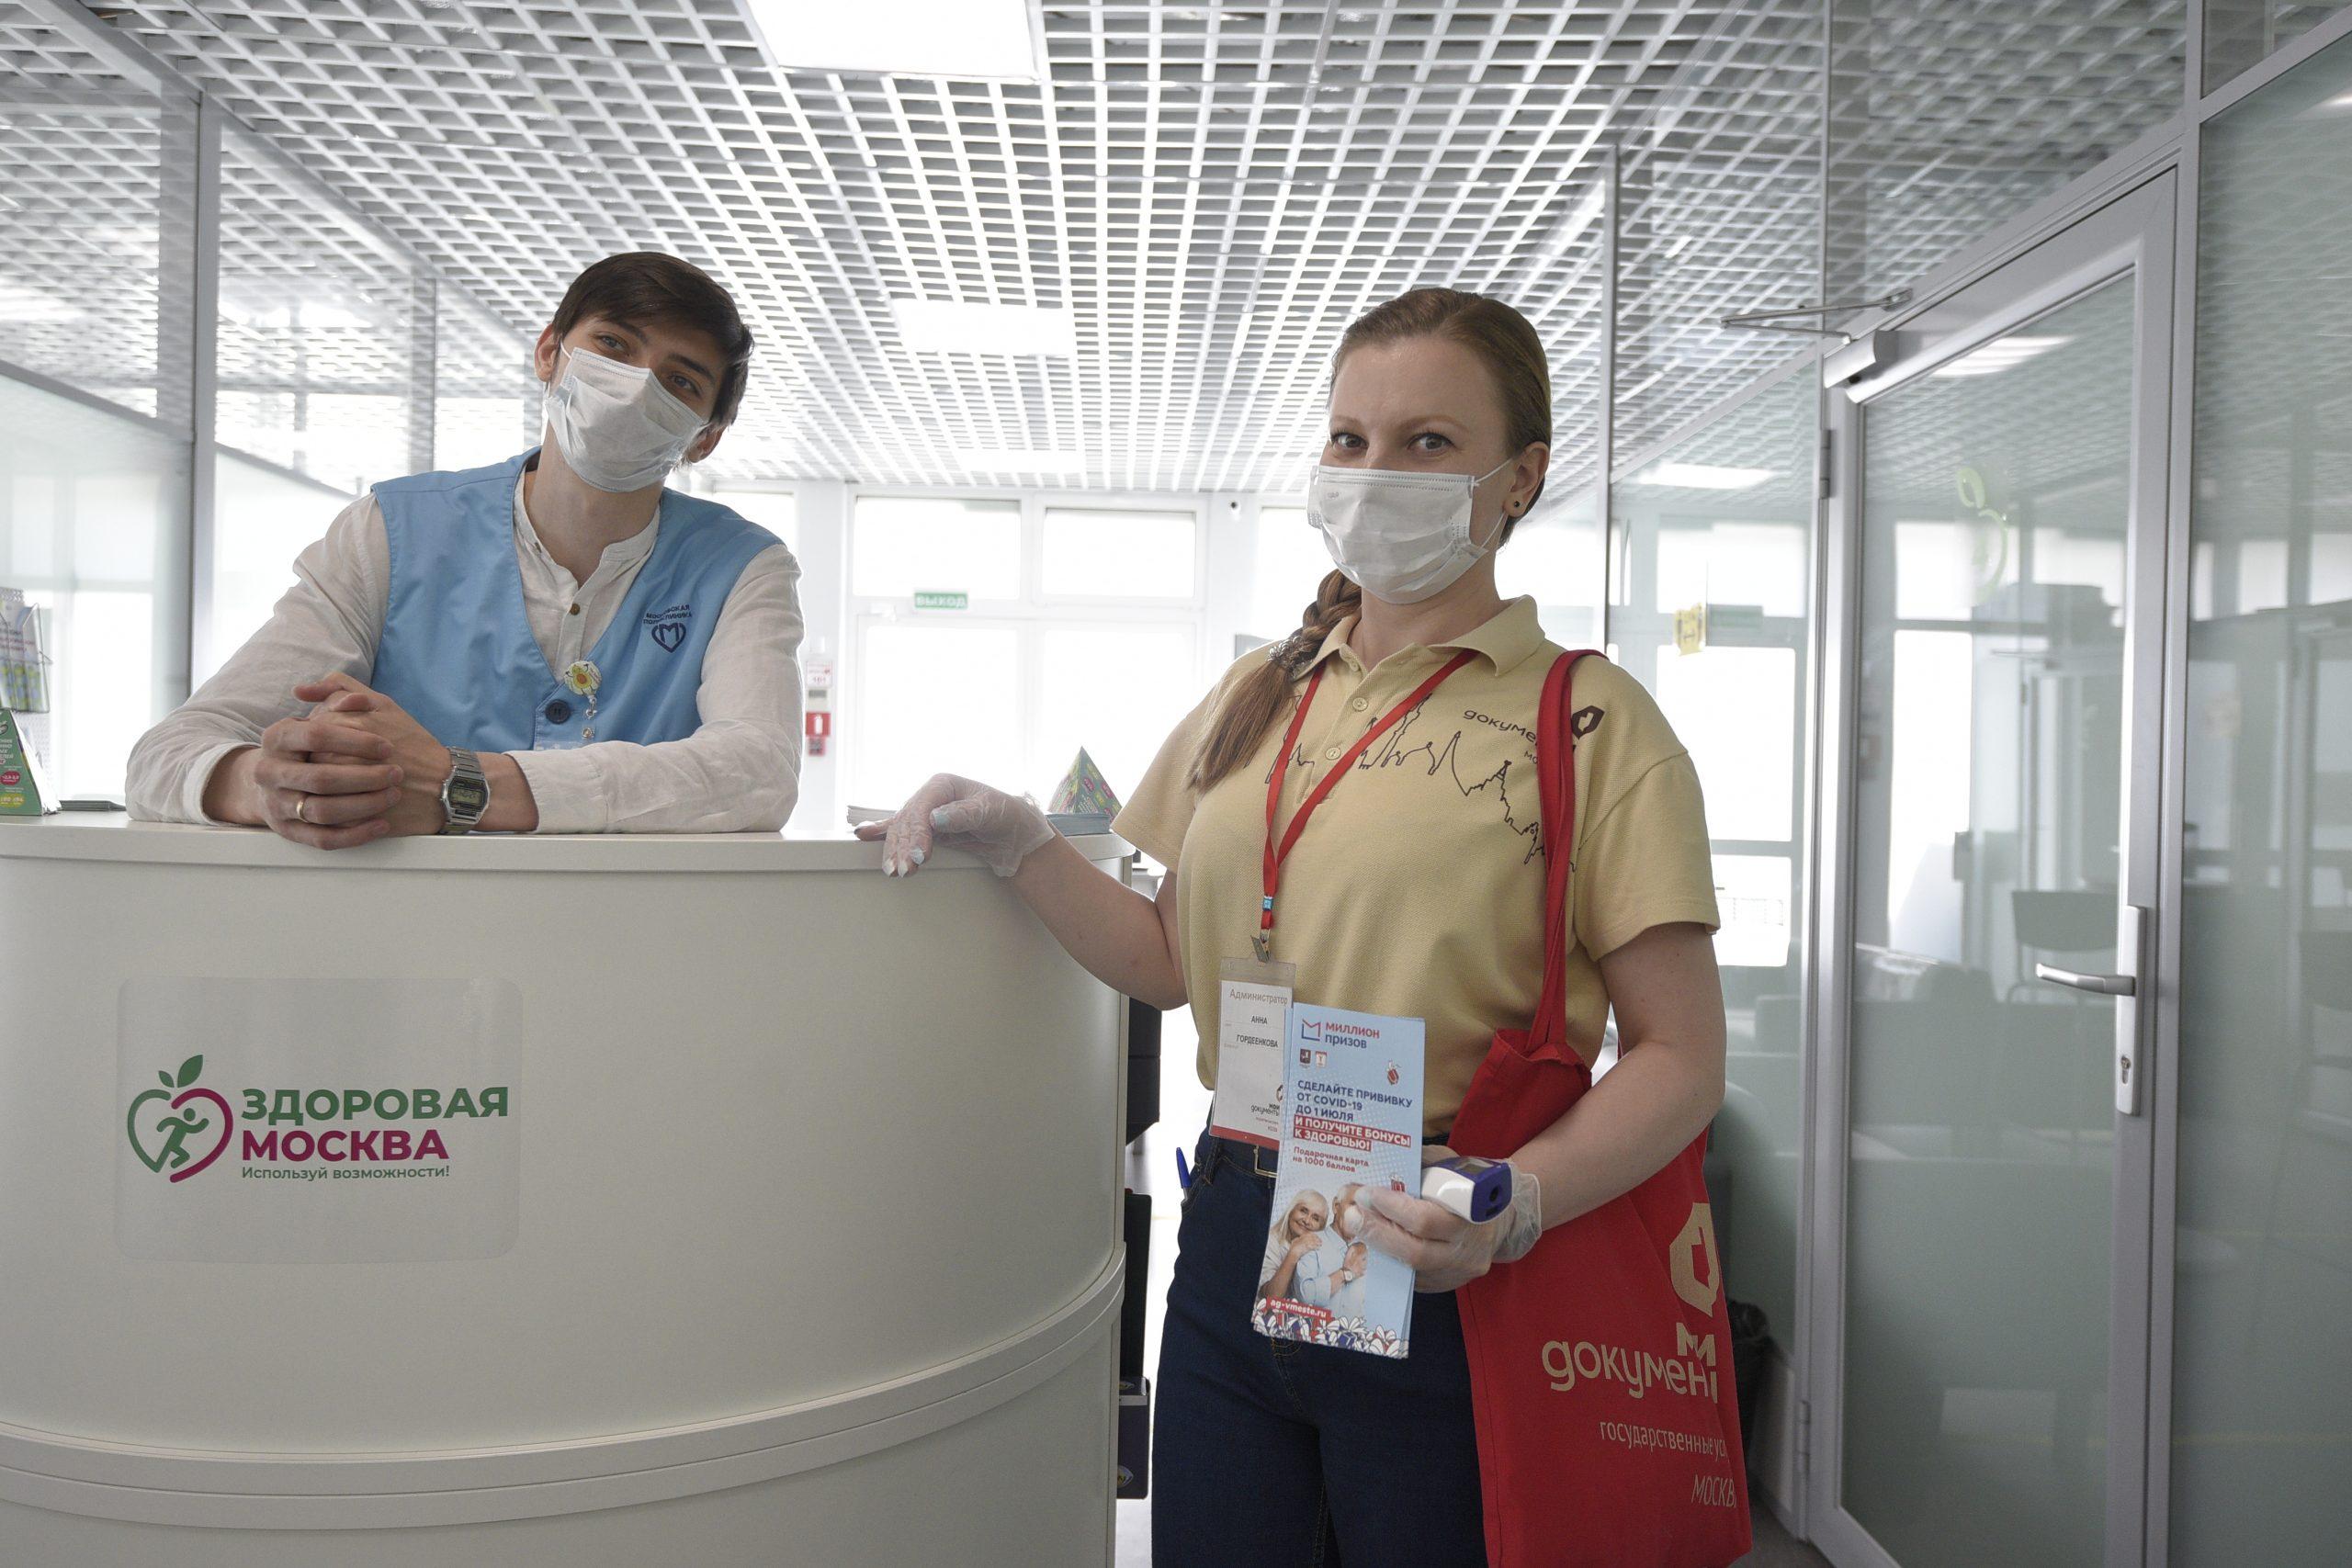 Москвичам предоставили медпомощь в павильонах «Здоровая Москва»